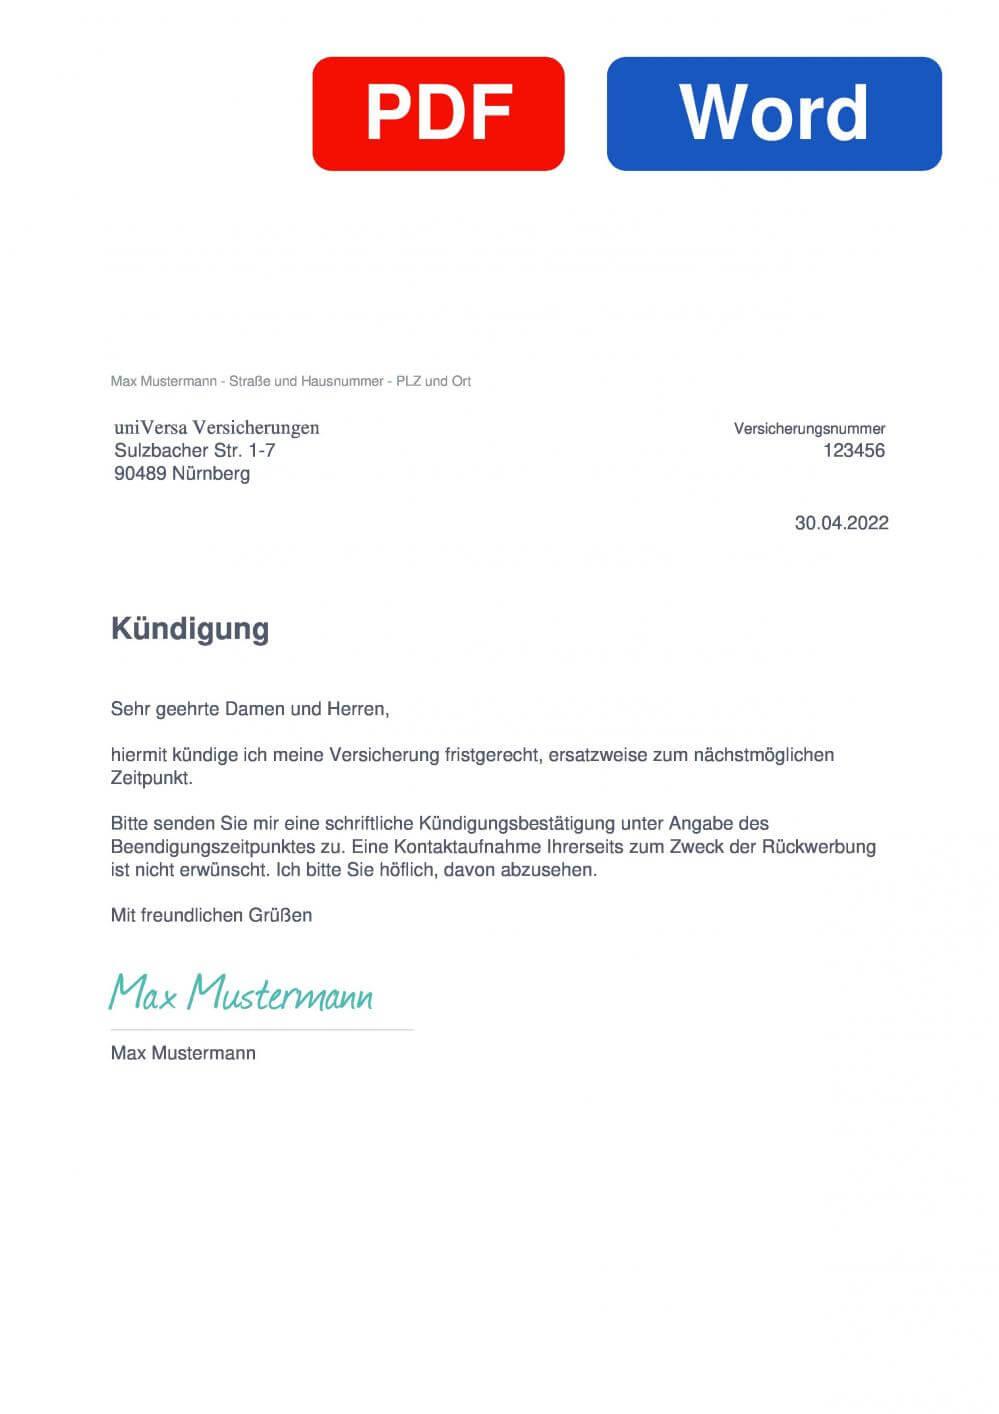 uniVersa Lebensversicherung Muster Vorlage für Kündigungsschreiben